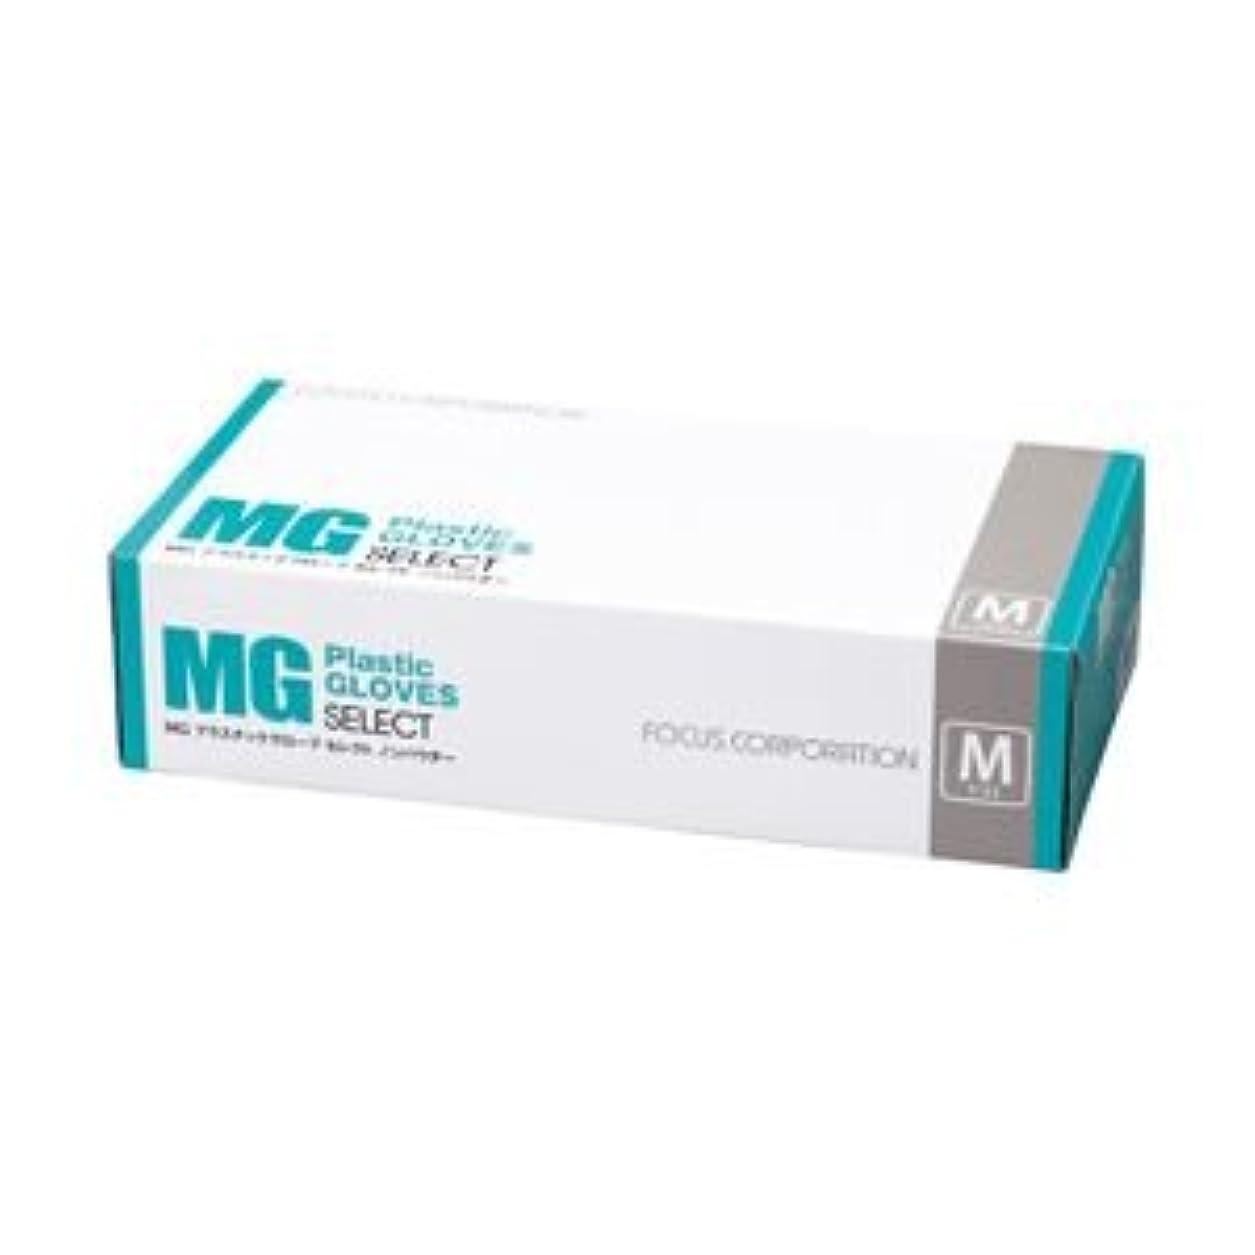 ジャニス無臭男らしいフォーカス (業務用セット) MGプラスチックグローブSELECT 粉なし 半透明 1箱(100枚) Mサイズ (×10セット)